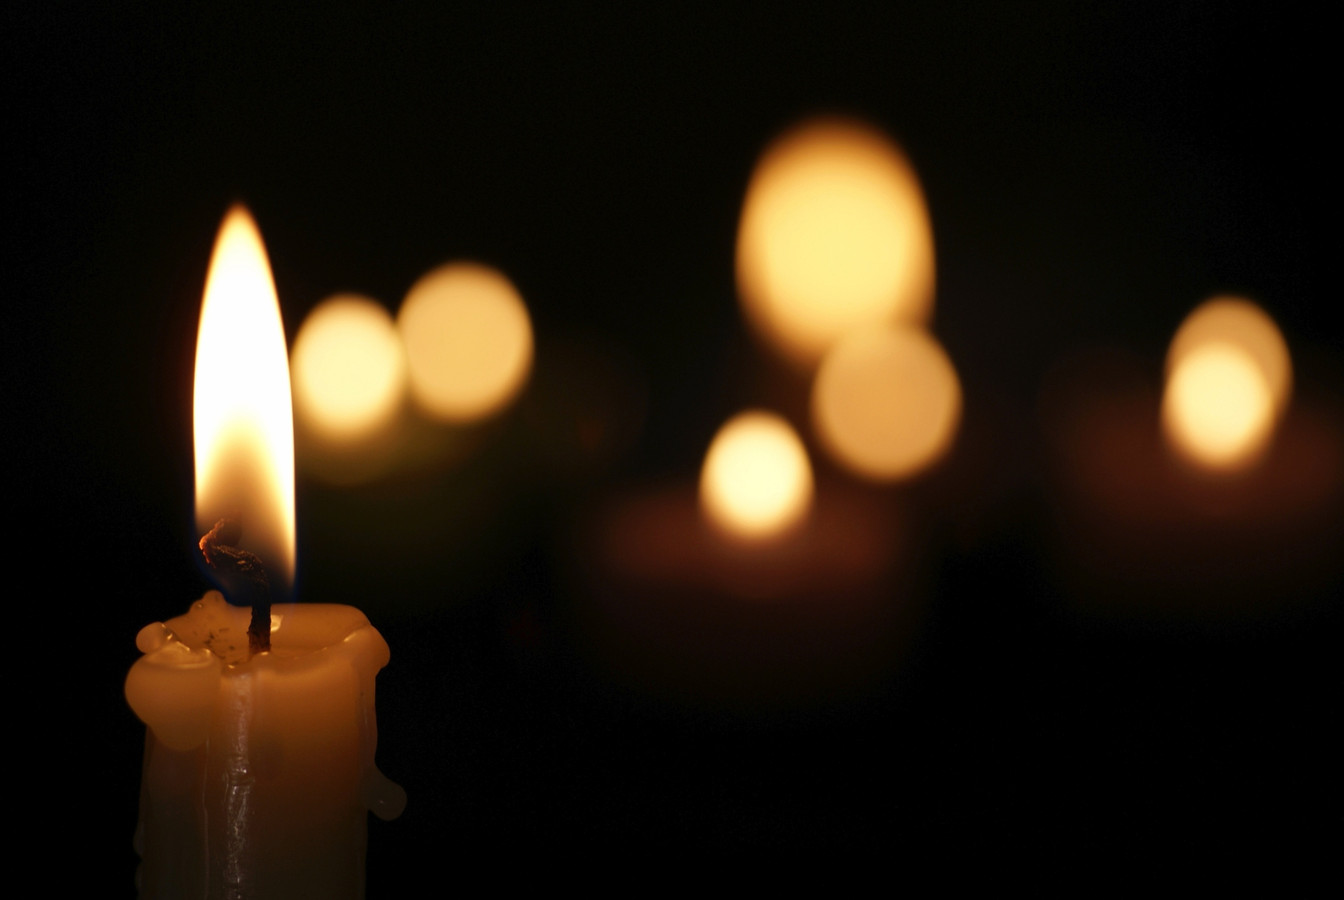 Gemeentebelangen vroeg om cijfers van zelfdoding onder jongeren van tien tot twintig jaar in de gemeente Raalte.